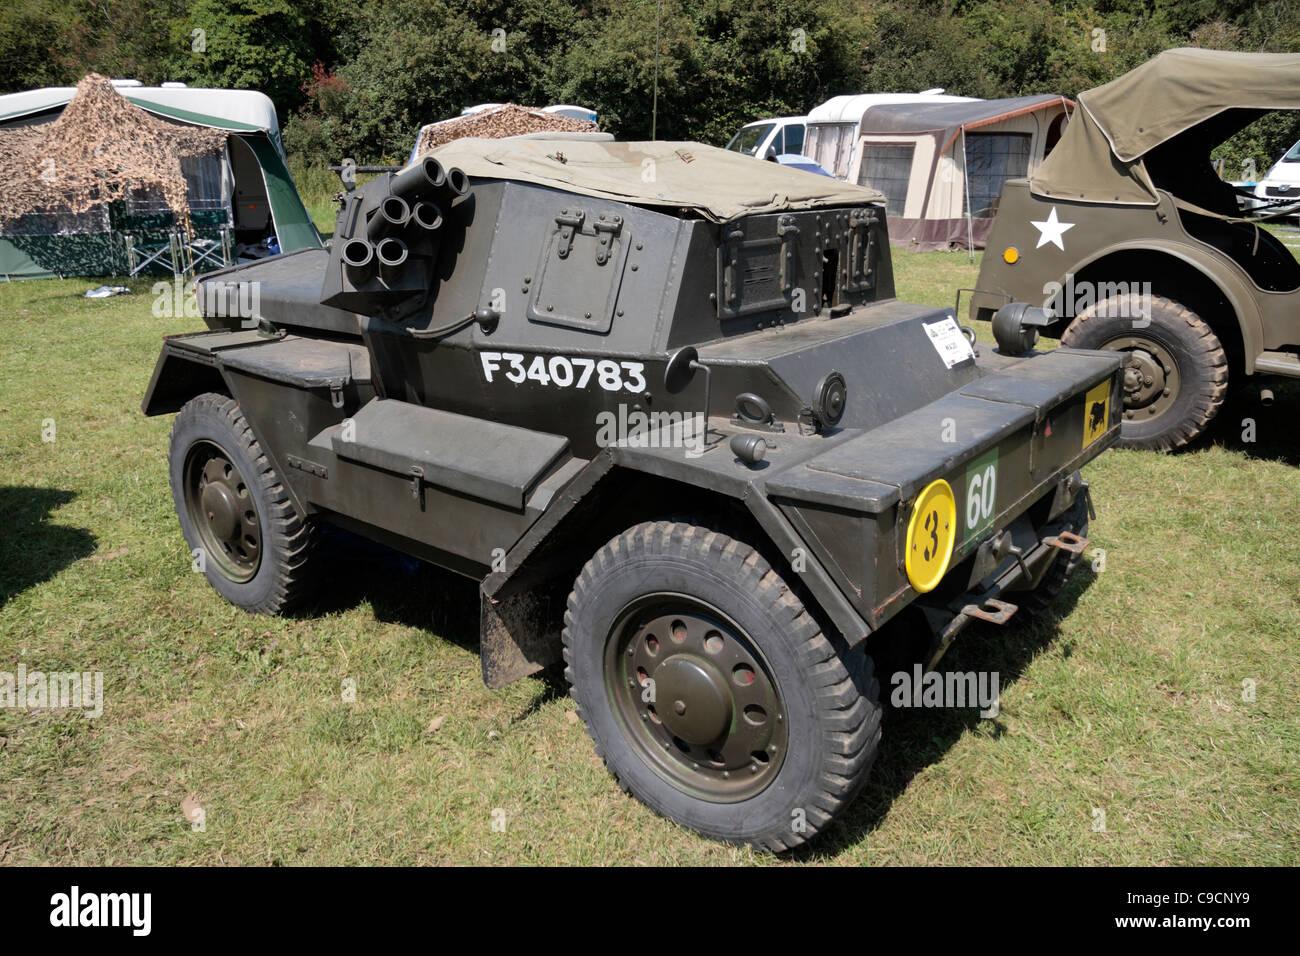 A Daimler Dingo scout car on display at the 2011 War & Peace Show at Hop Farm, Paddock Wood, Kent, UK. - Stock Image